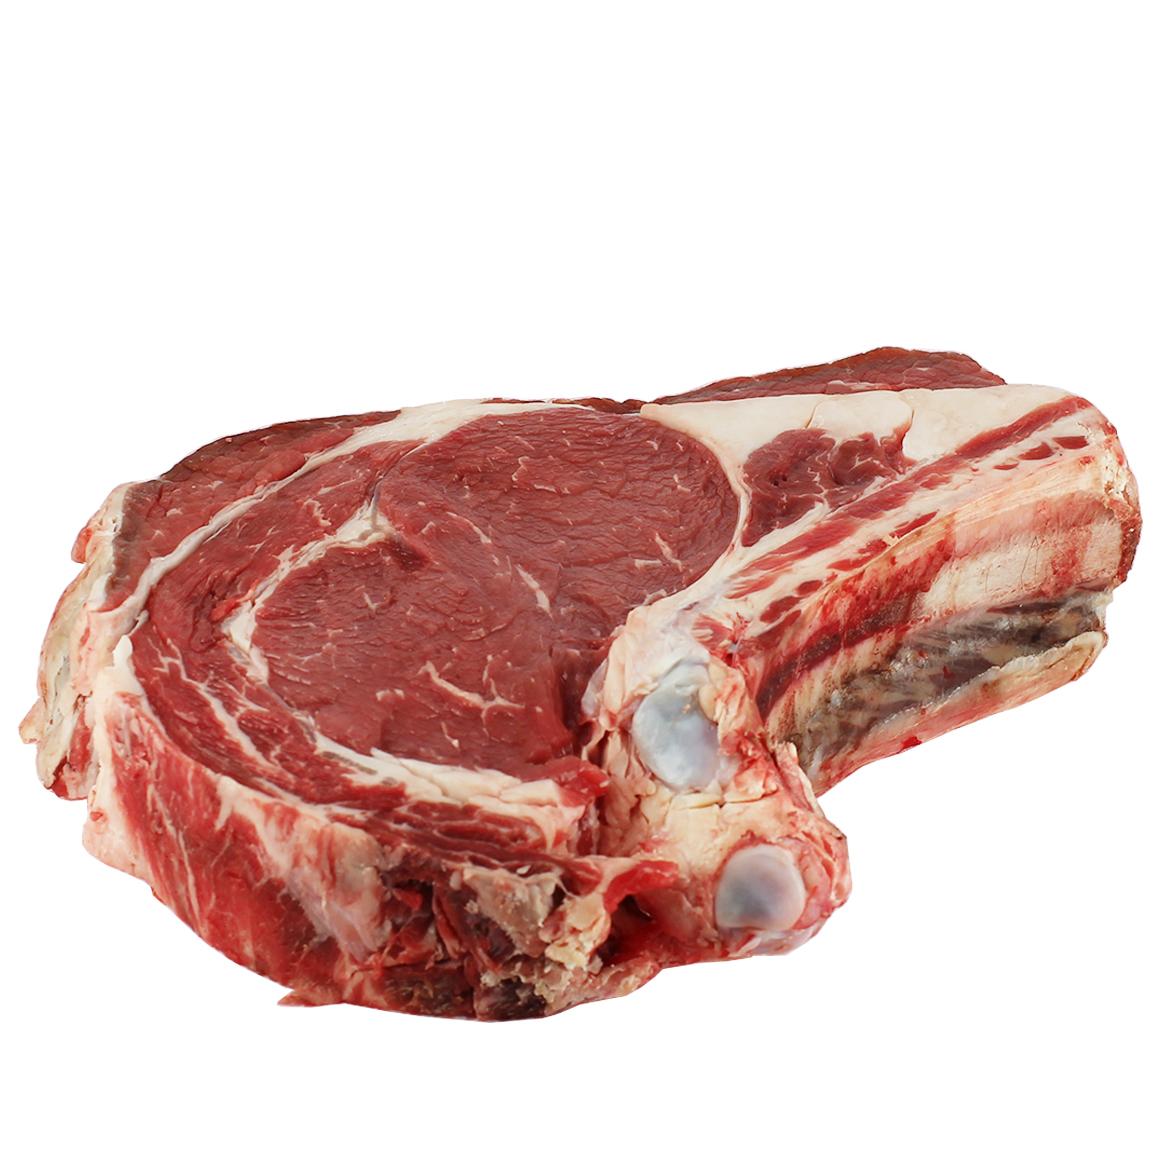 Côte de bœuf, Ferme de Montchervet (environ 1 kg)